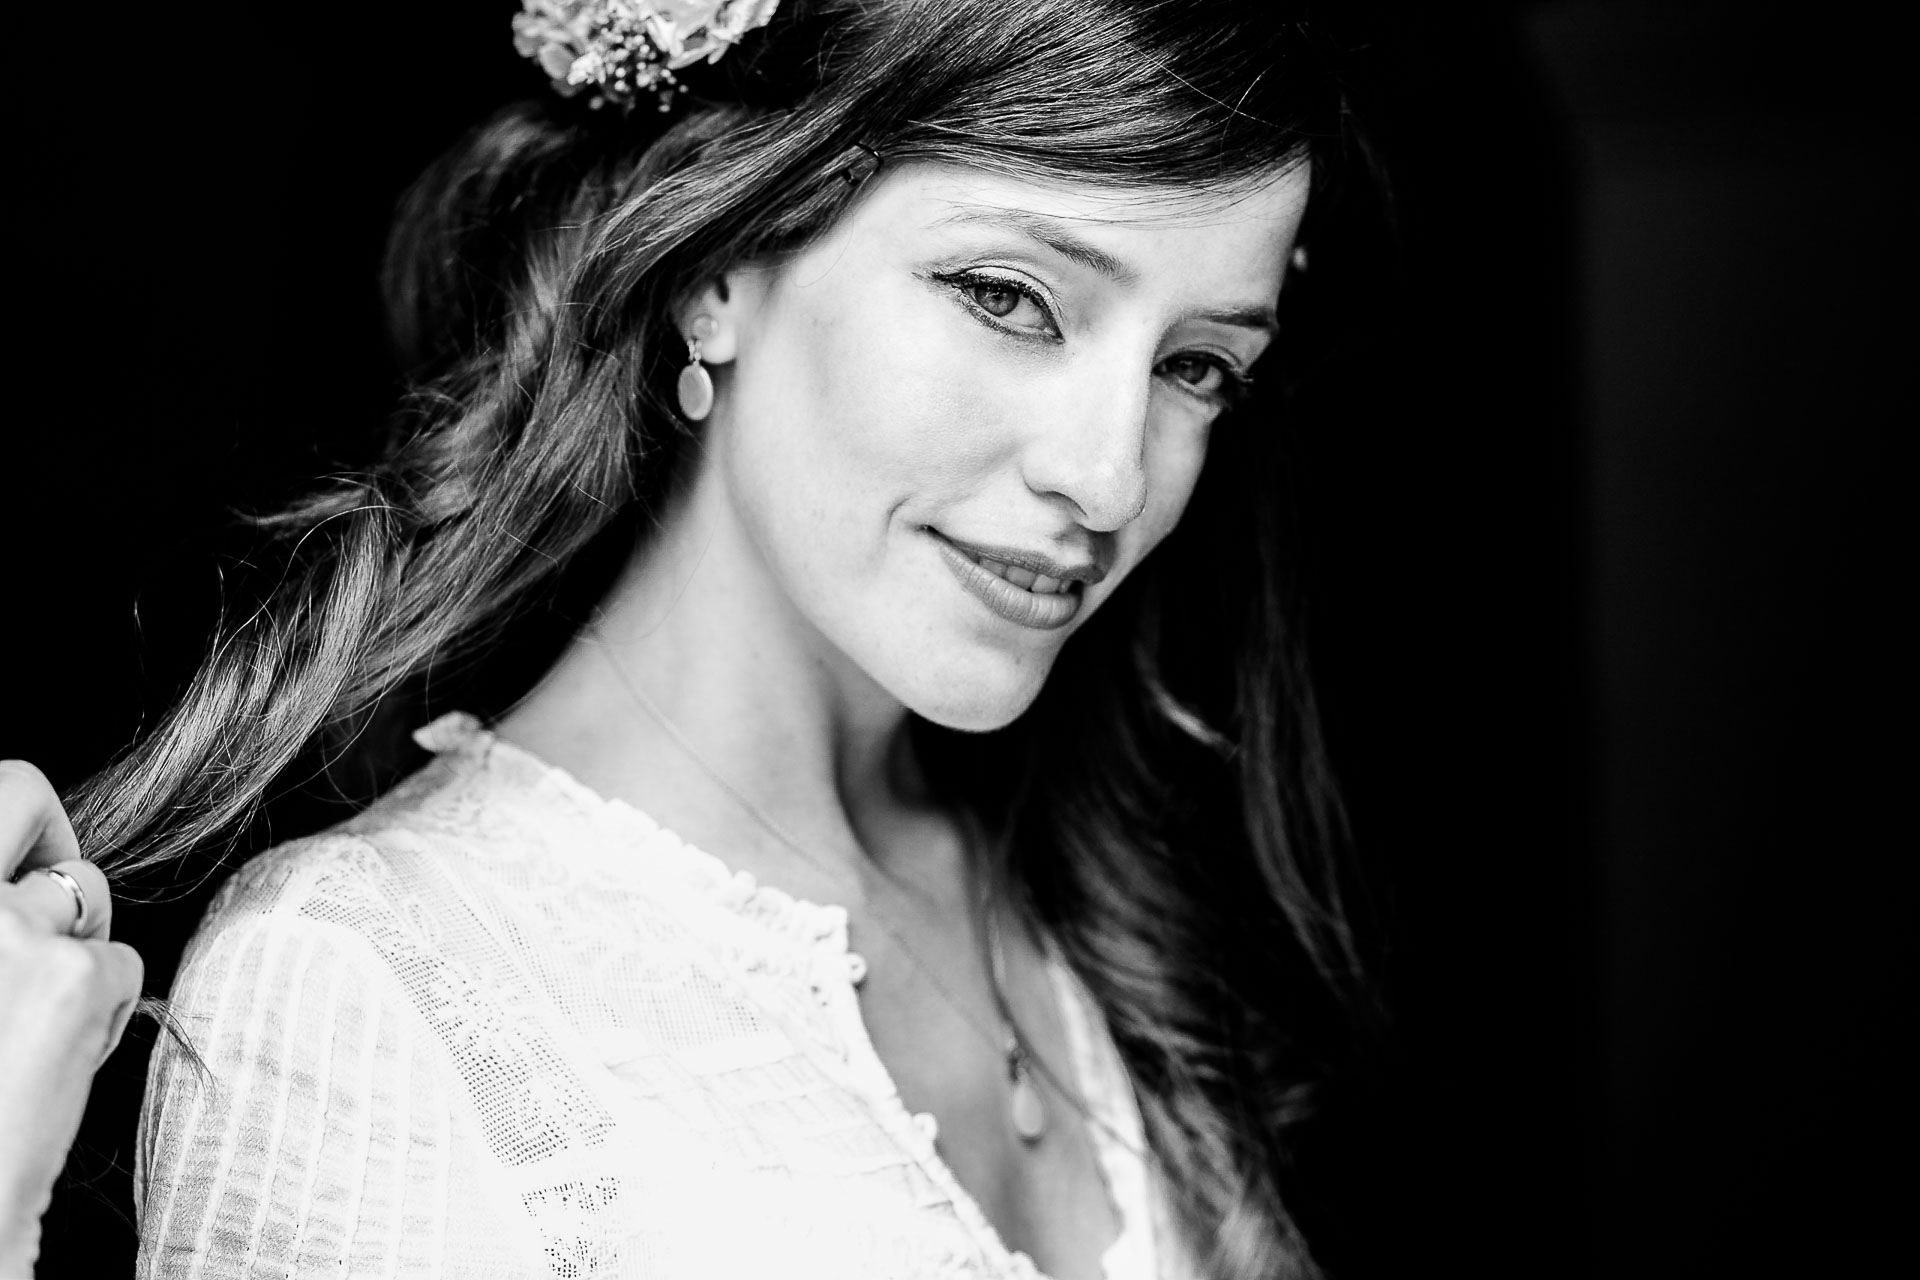 fotografo boda vitoria 143128